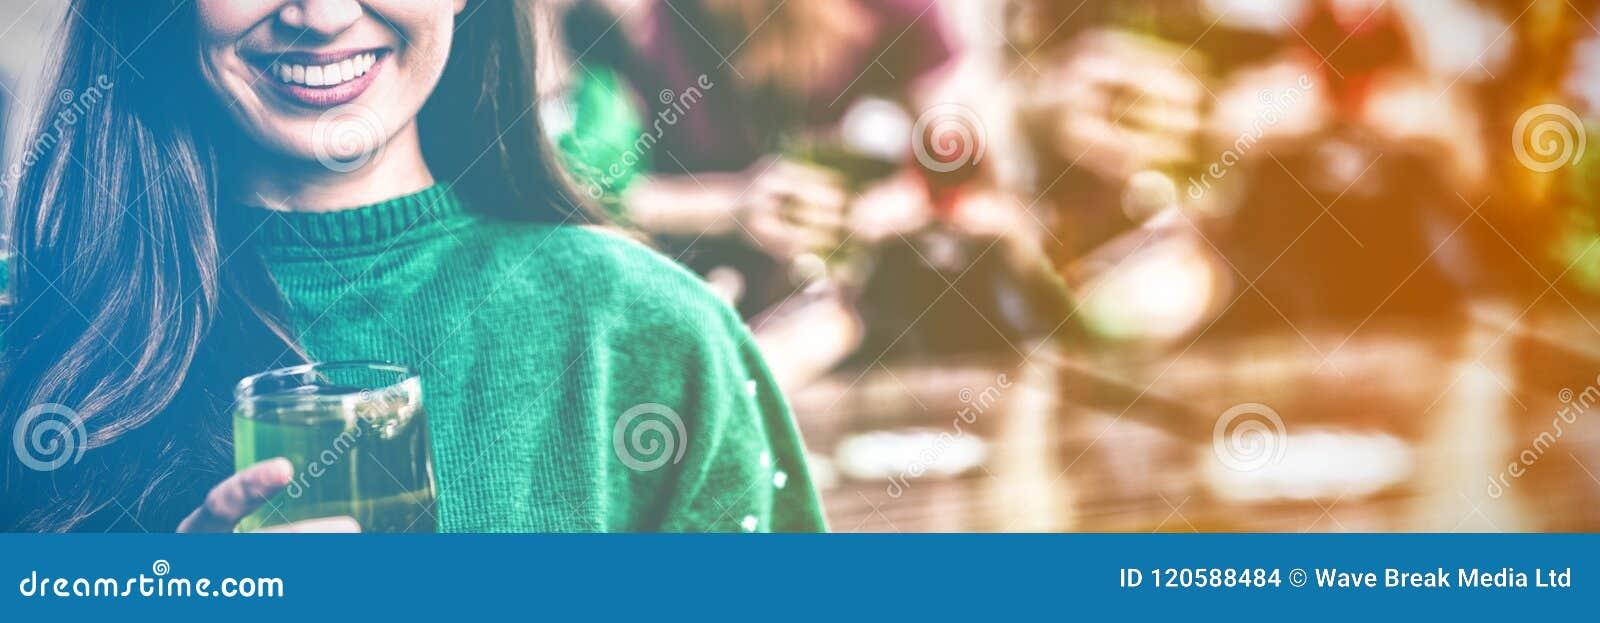 Ritratto della donna allegra che celebra giorno della st Patricks